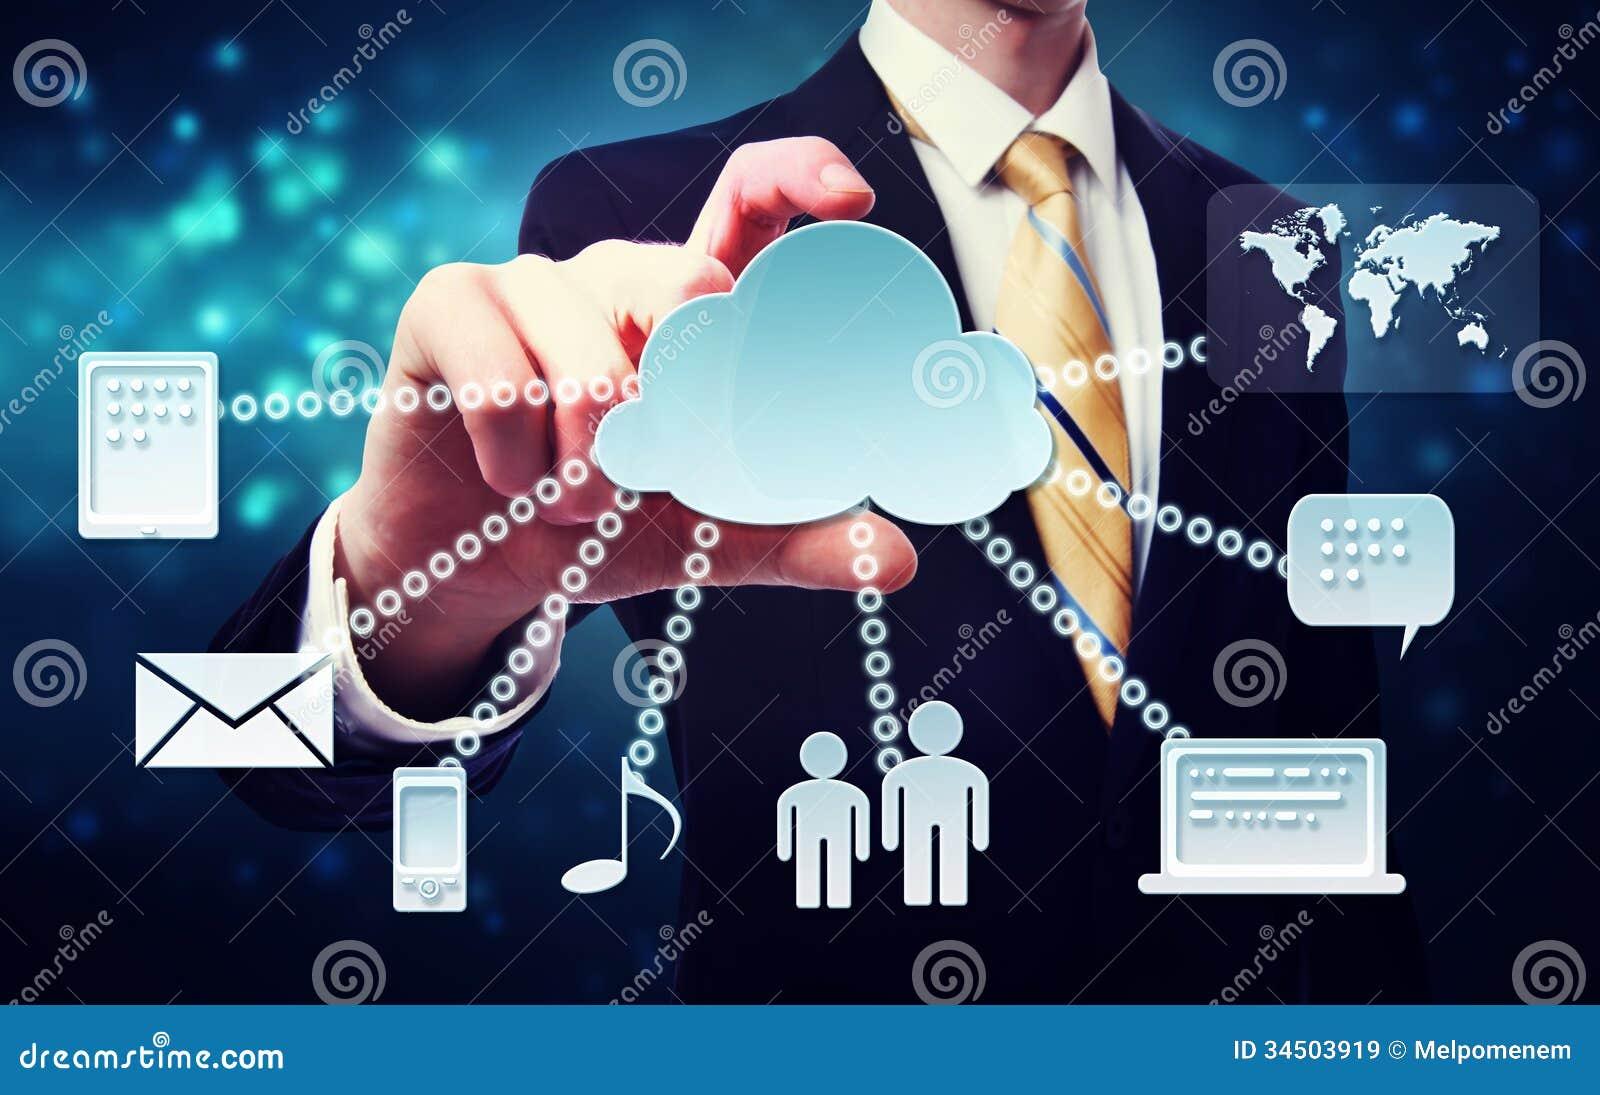 Hombre de negocios con concepto de la conectividad de la nube